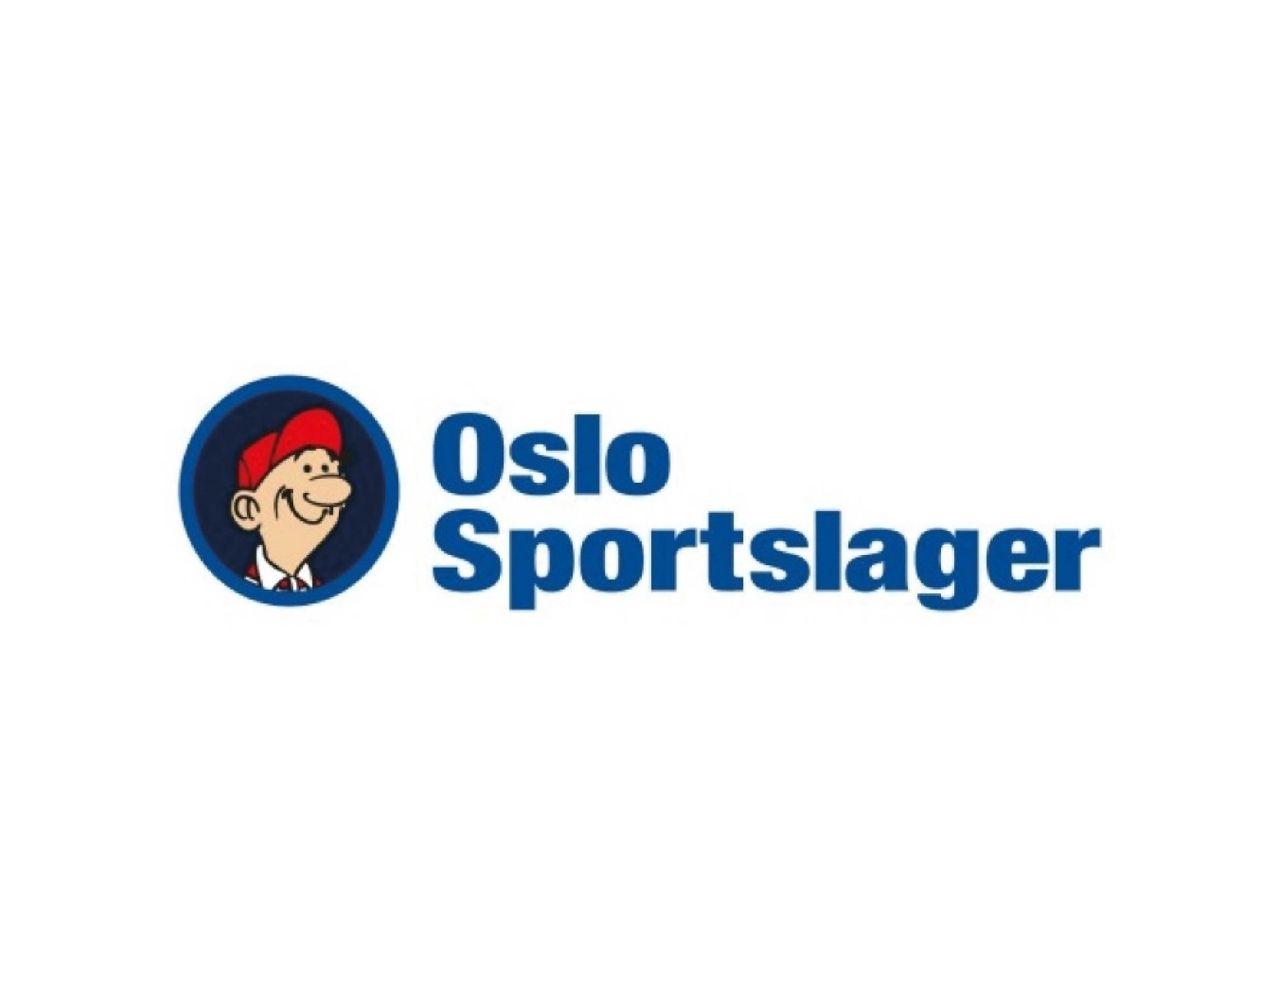 oslo sportlager logo